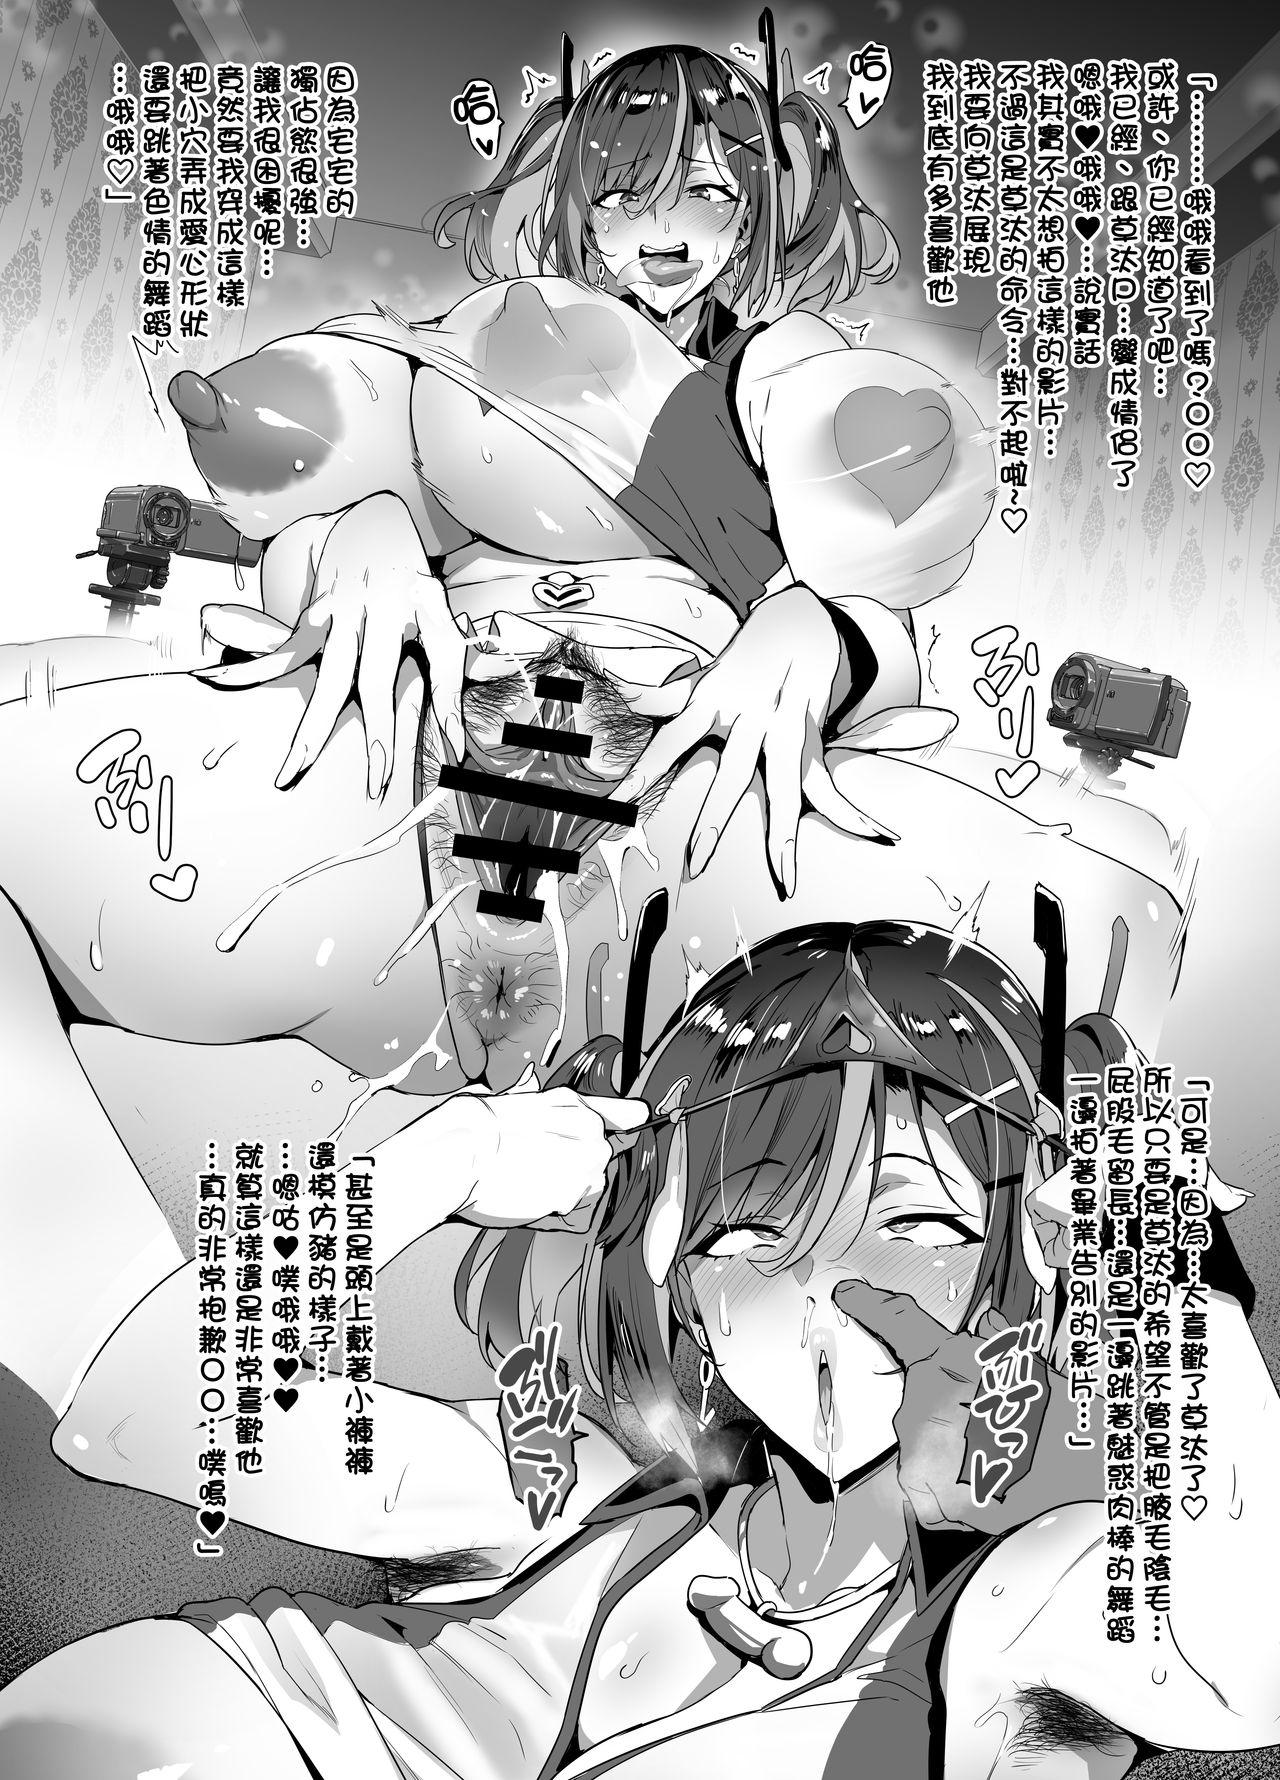 ギャル×オタサーNTR 12